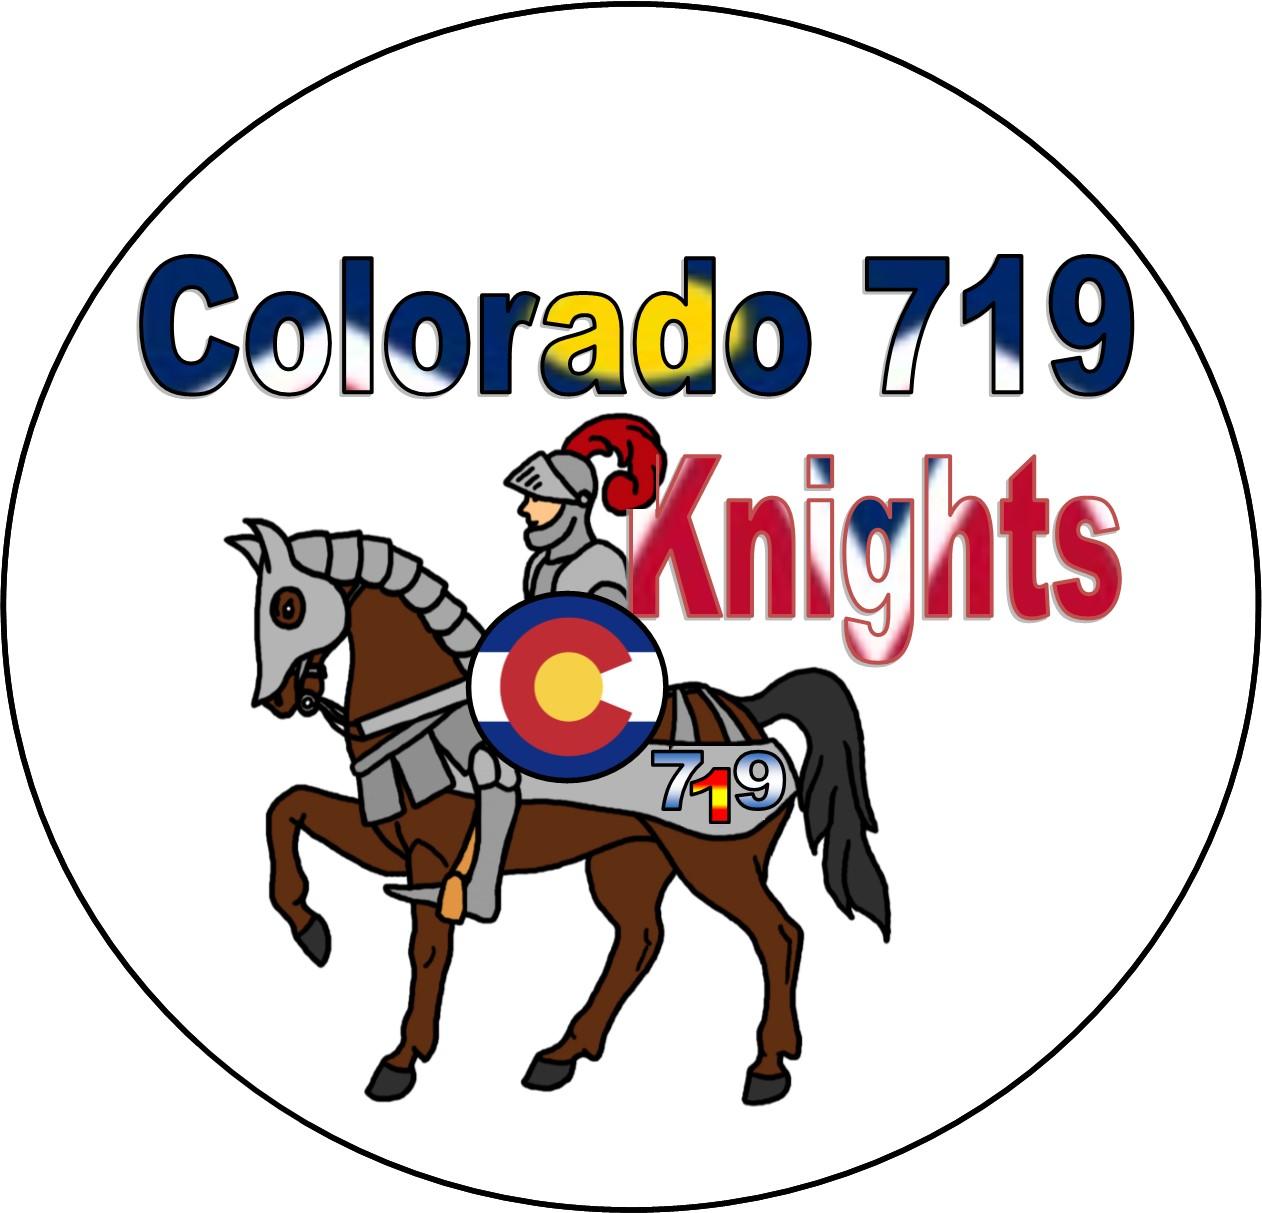 Colorado 719 Knights